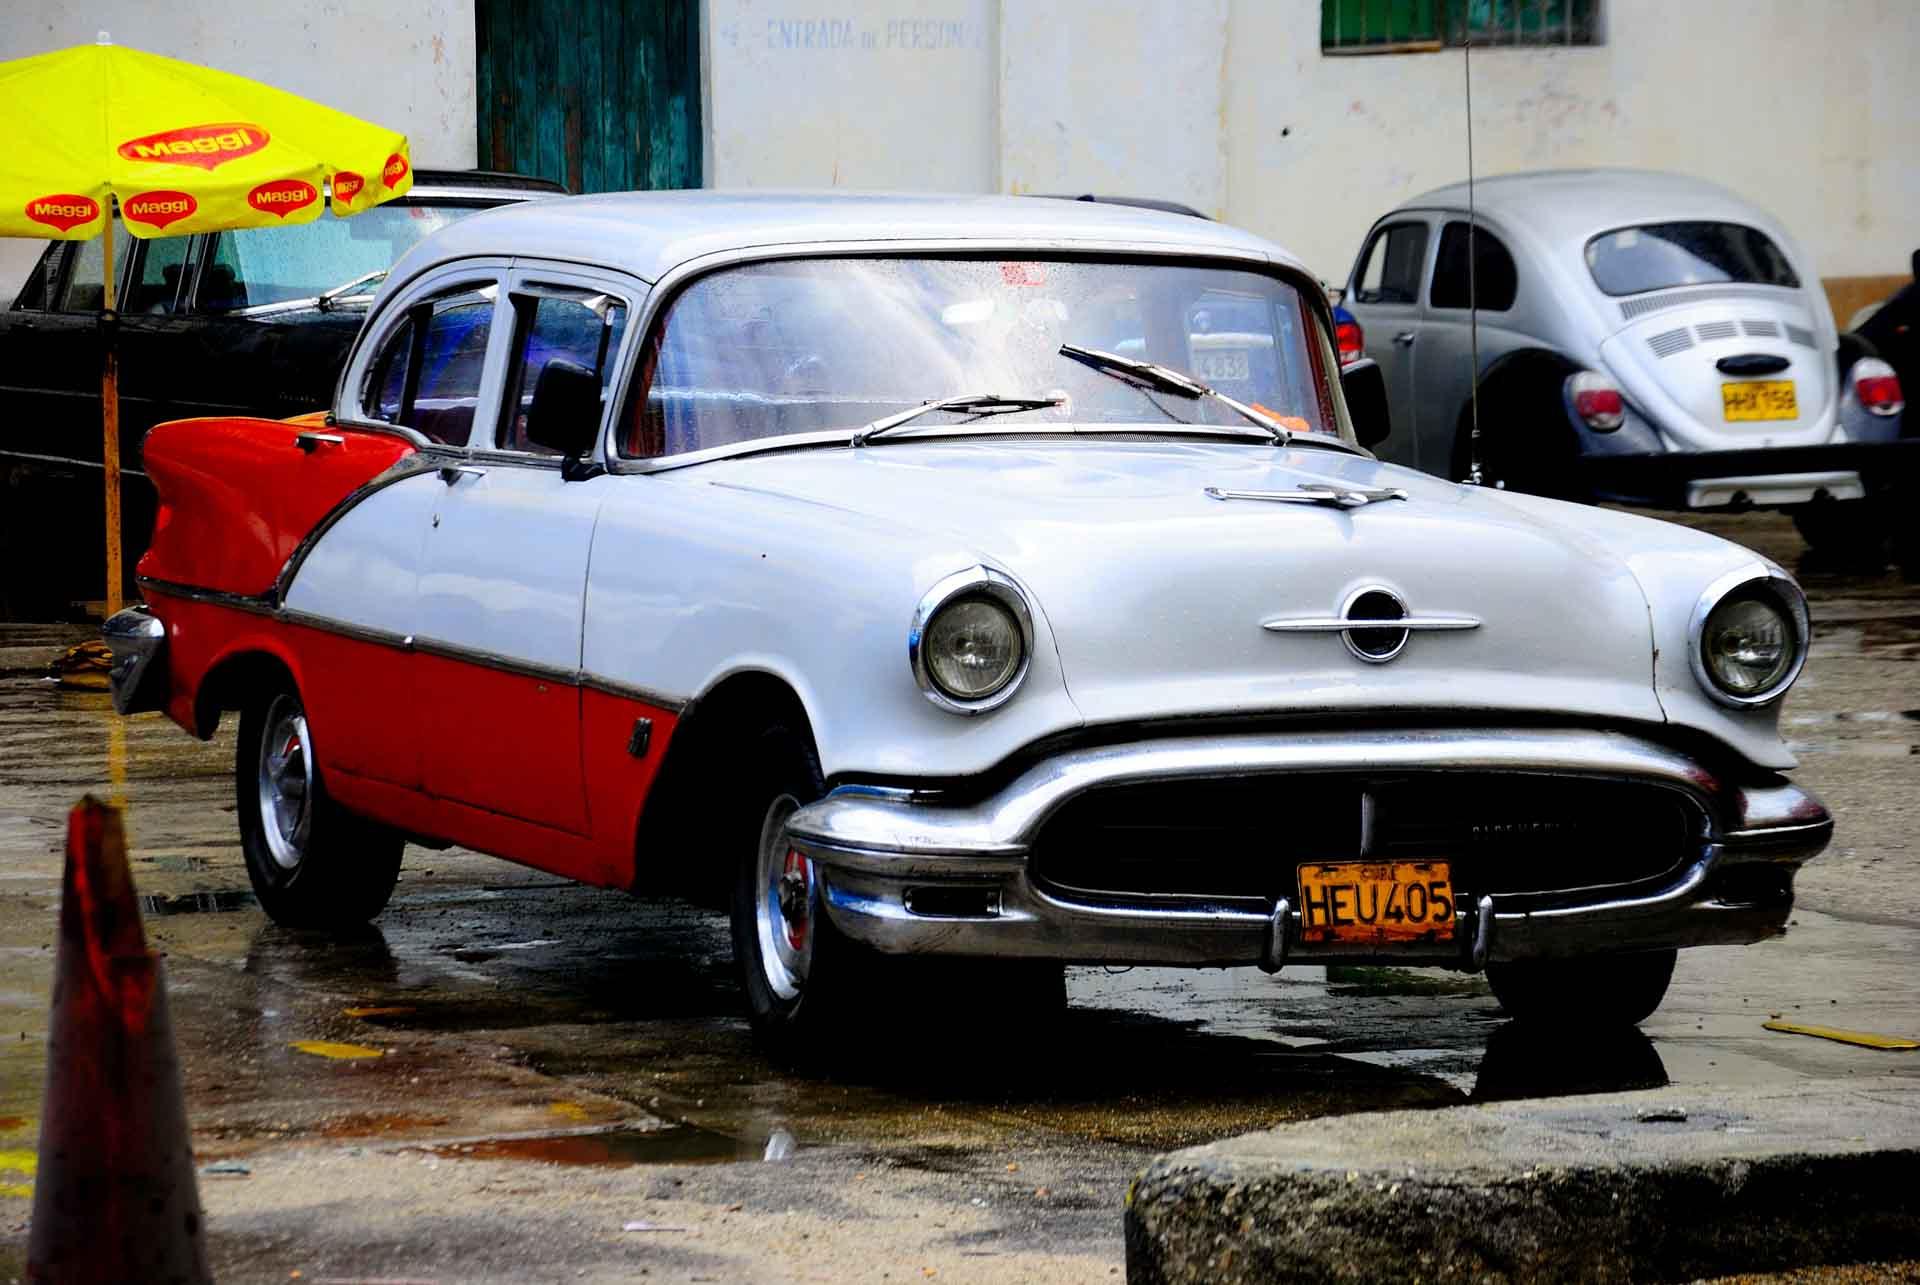 Havana Cuba Vintage Car 5, havana, cuba, pescart, photo blog, travel blog, blog, photo travel blog, enrico pescantini, pescantini, havana, cuba, pescart, photo blog, travel blog, blog, photo travel blog, enrico pescantini, pescantini